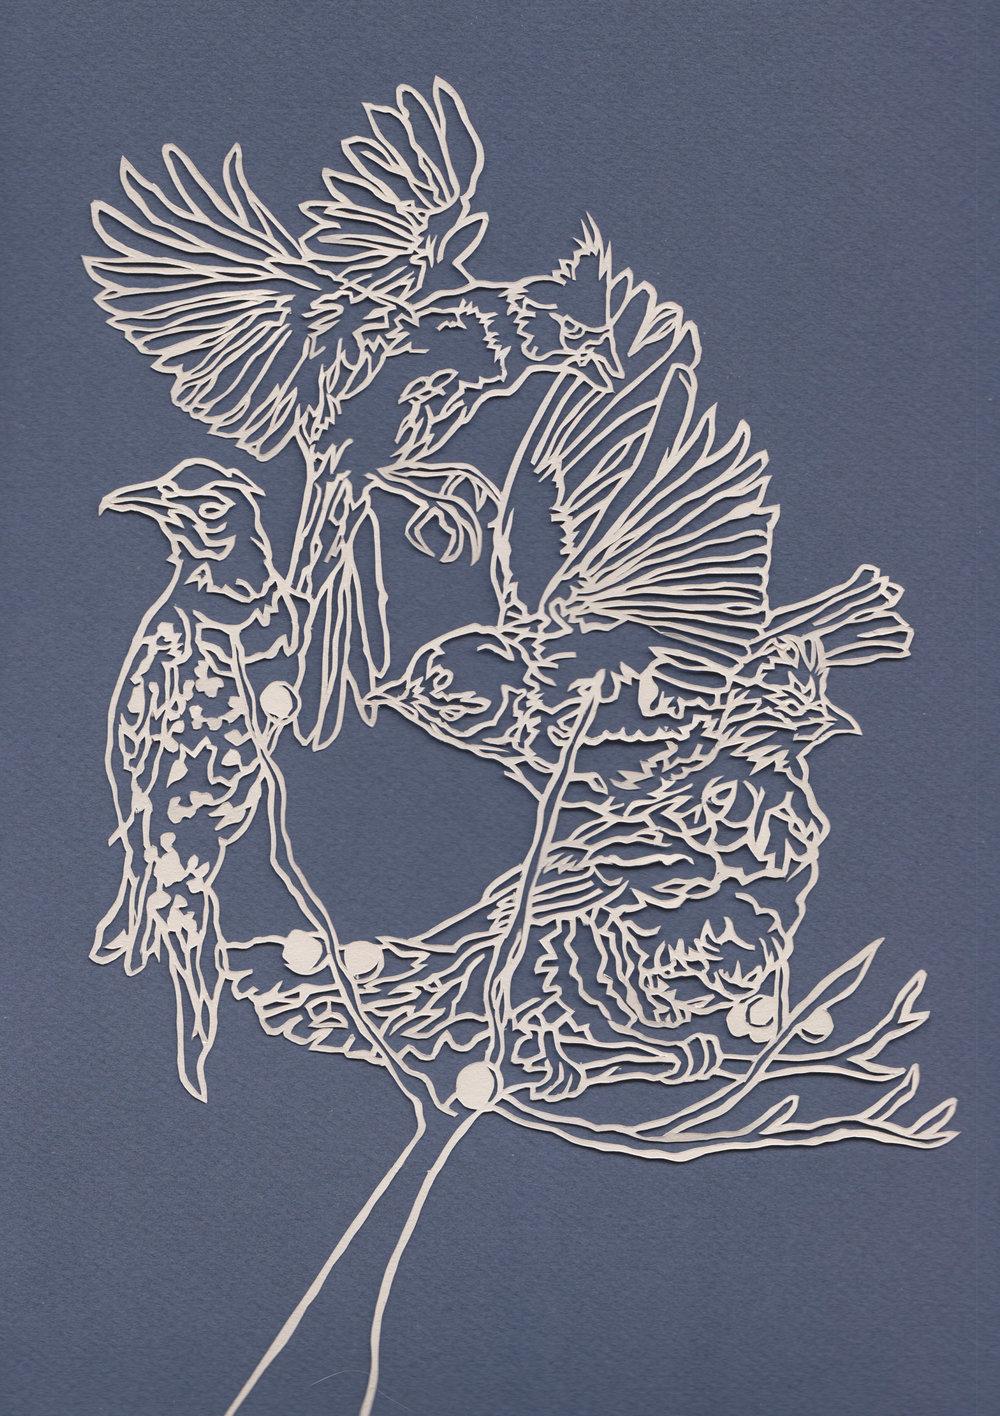 cardinal bluebird roughgrous flicker papercut on blue.jpg